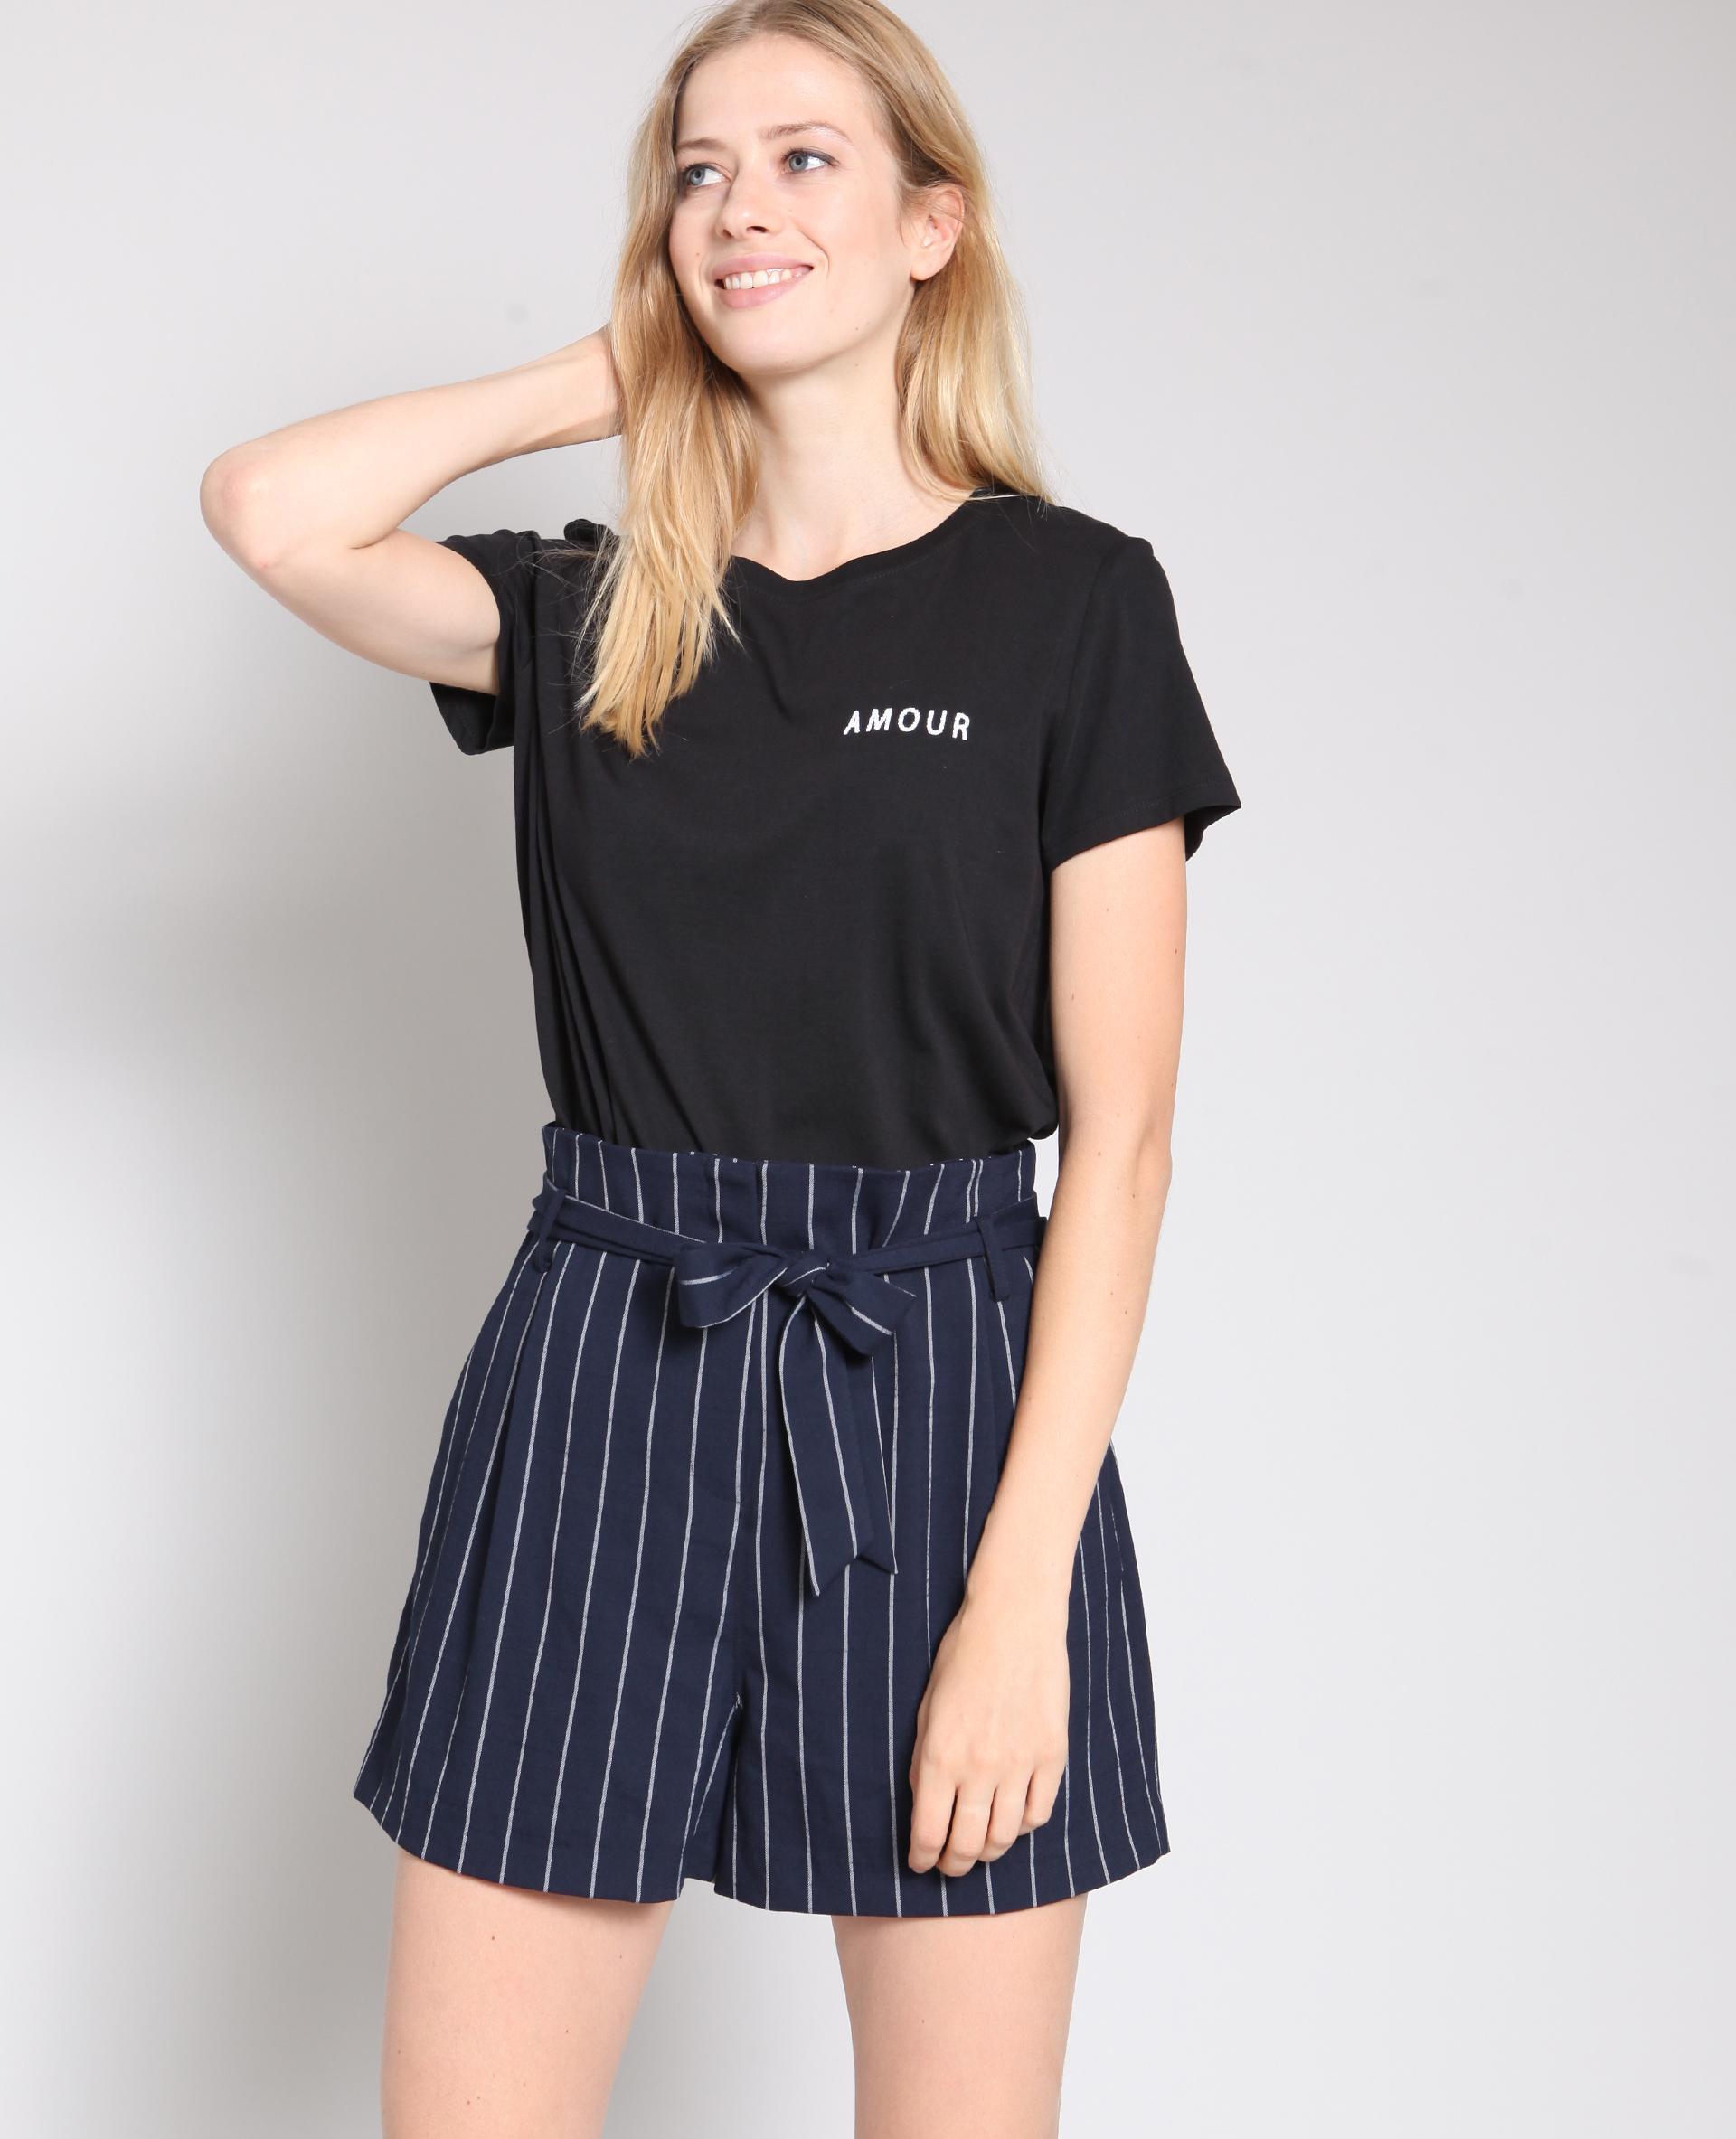 T-shirt amour noir - Pimkie